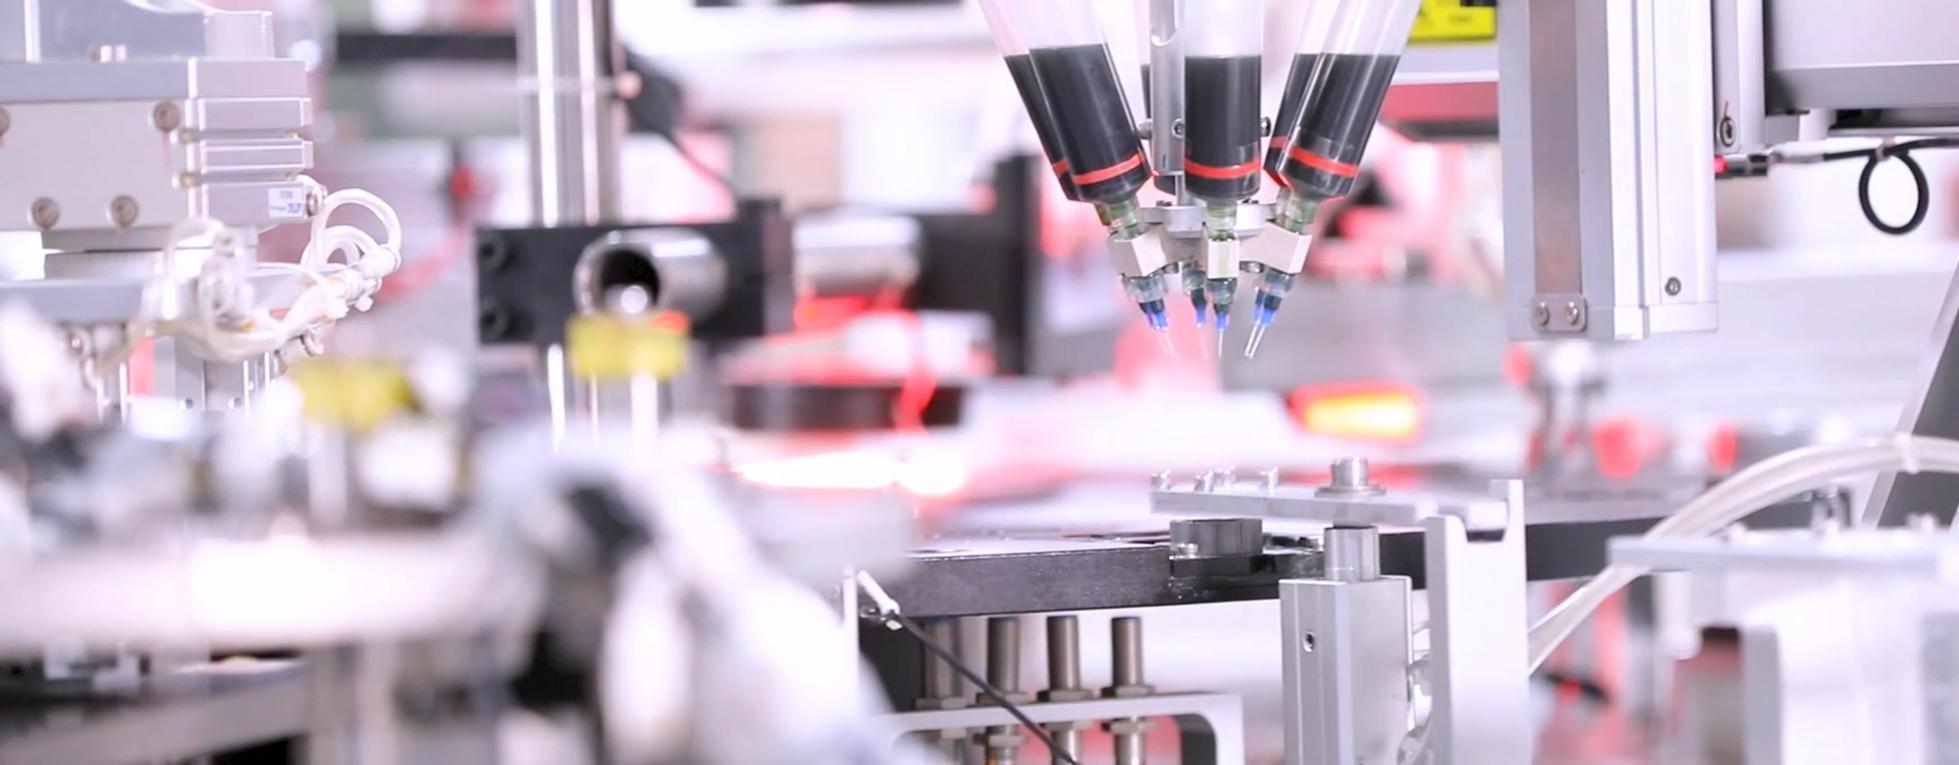 磁组件是磁性材料(钕铁硼、钐钴等)与金属、非金属等材料通过粘接、注塑等工艺装配而成的组合件,如:EPS上转子、风电磁极、电机定转子、直线电机组件、传感器等。磁组件产品是大地熊向磁性材料下游产业链的延伸,为客户减少装配时间和制造成本。